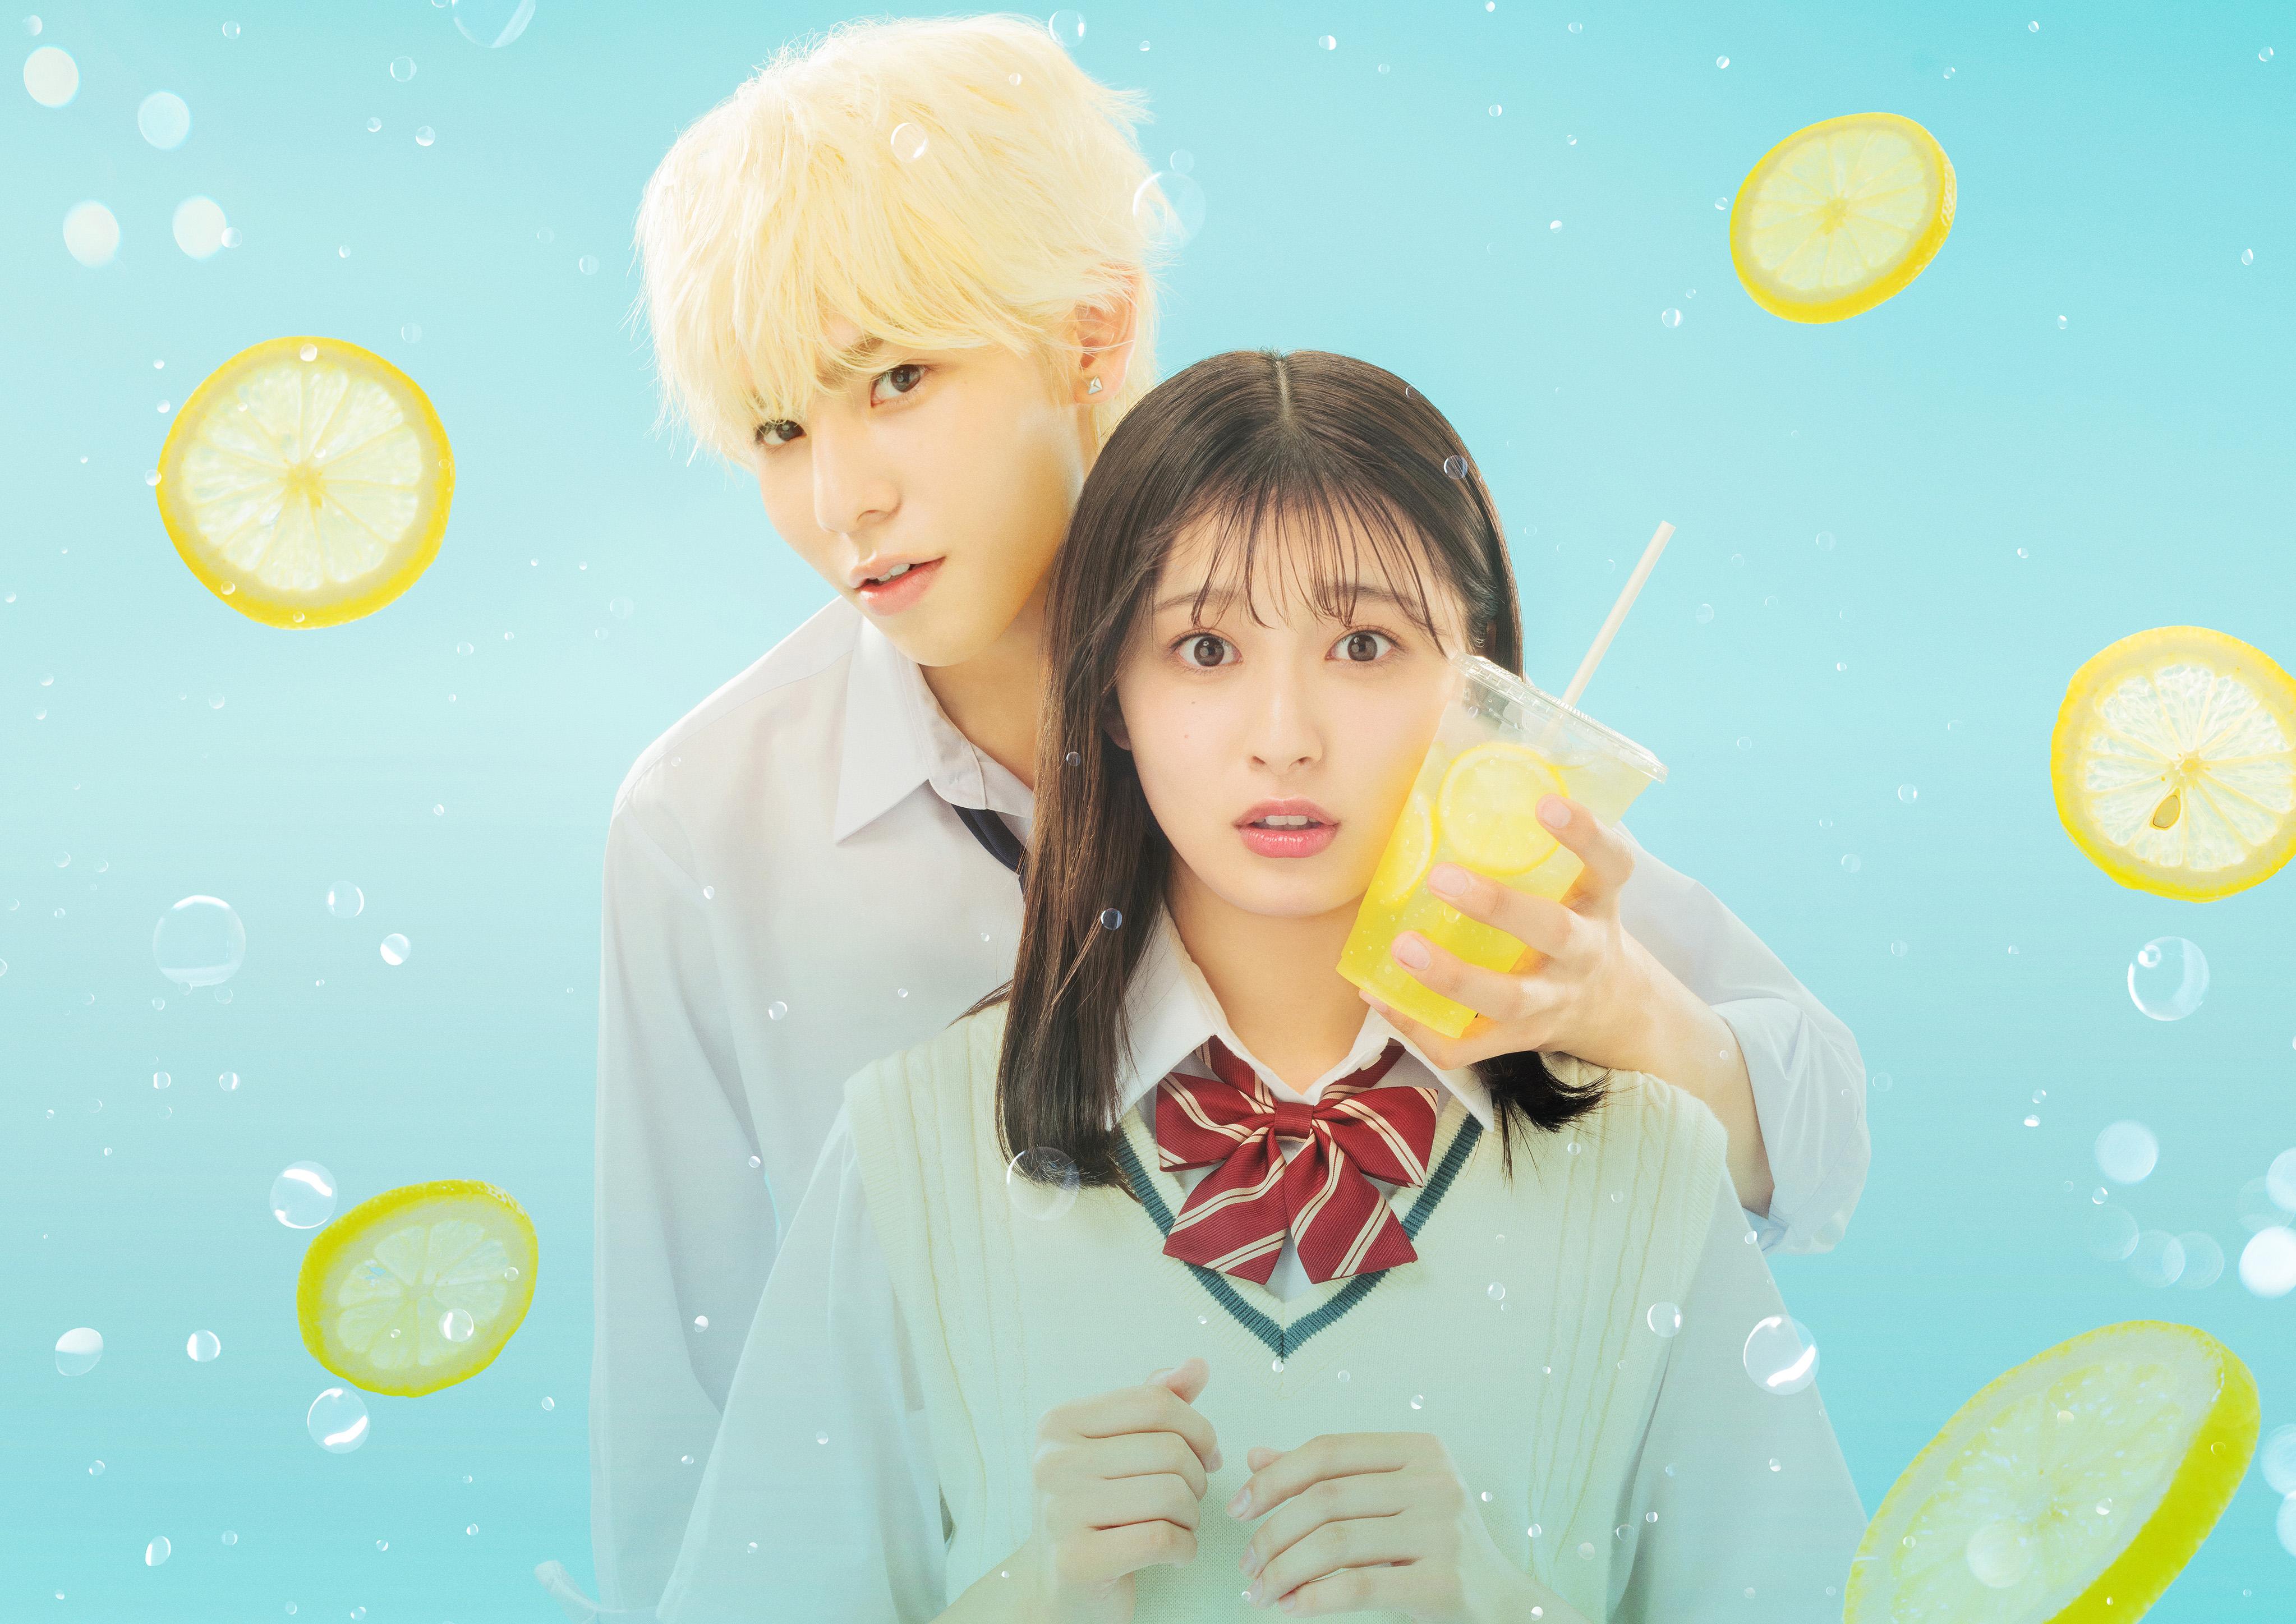 映画単独初主演🎬〈Snow Man・ラウール〉スペシャルインタビュー!映画「ハニーレモンソーダ」🍯🍋💛